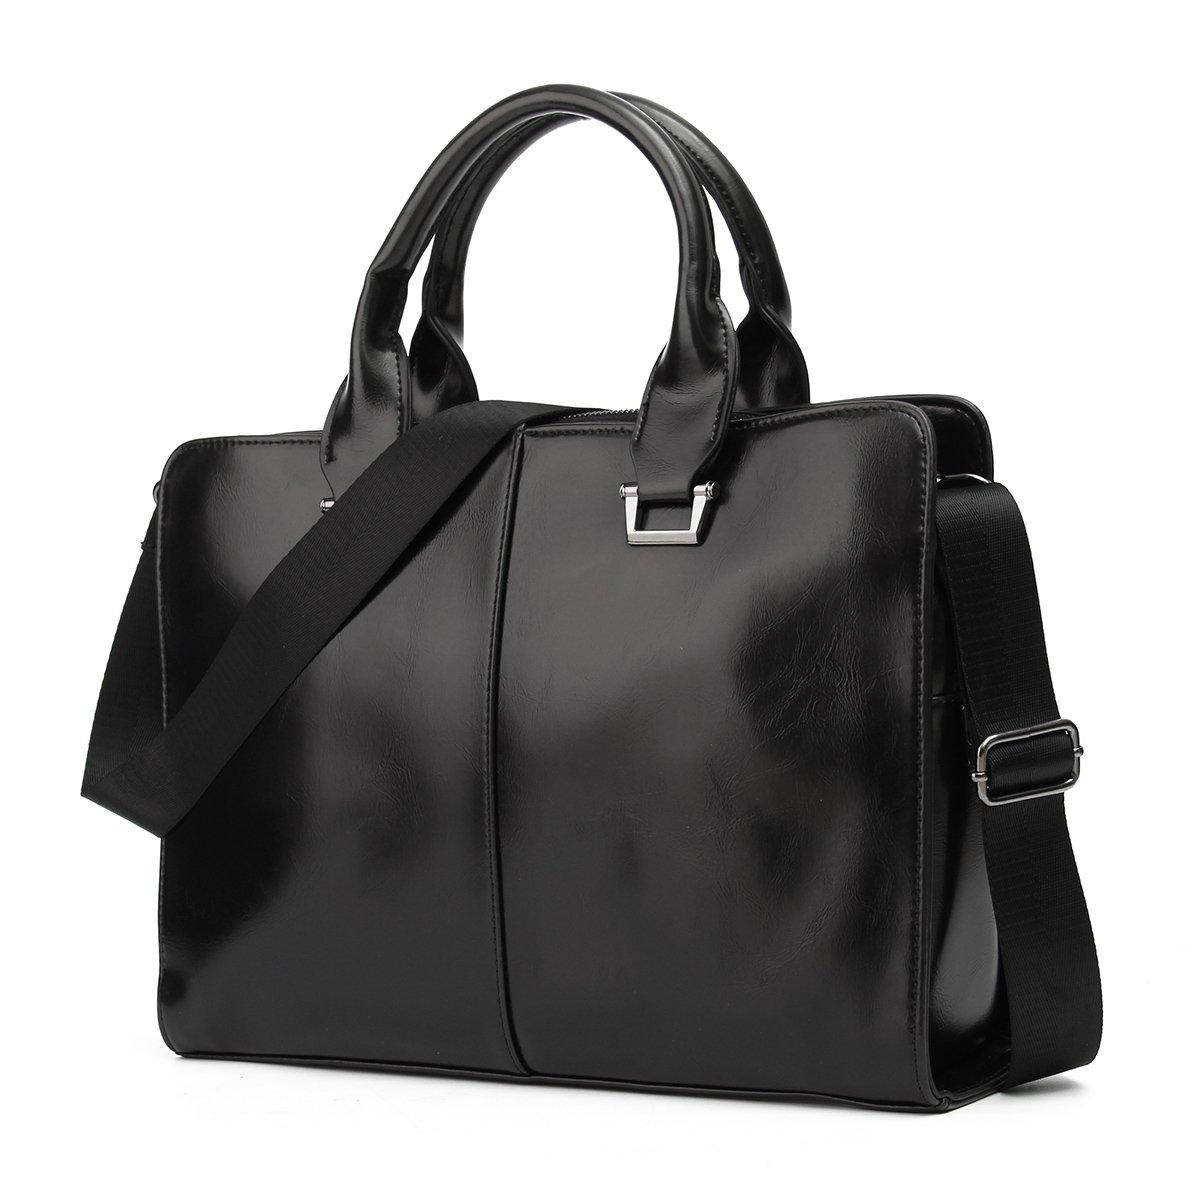 OURBAG Porte-documents en cuir pour hommes Sac à bandoulière Messenger Bag Sac à bandoulière Noir Moyen OURBAGwolzenfr27